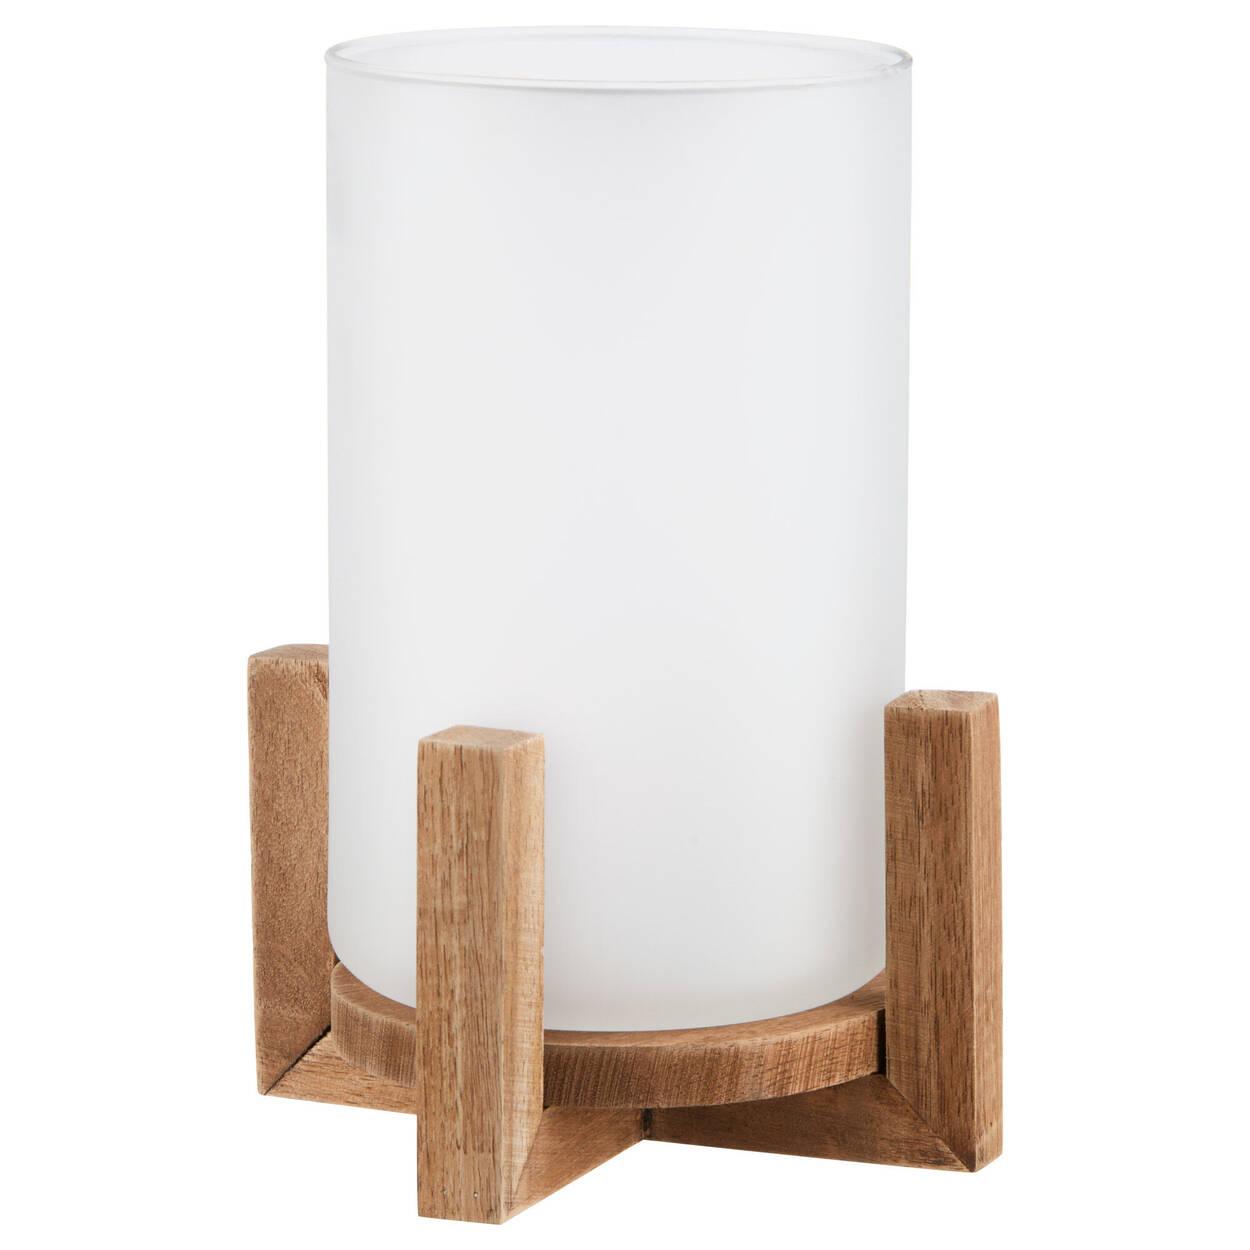 Porte-chandelle en verre givré sur base en bois